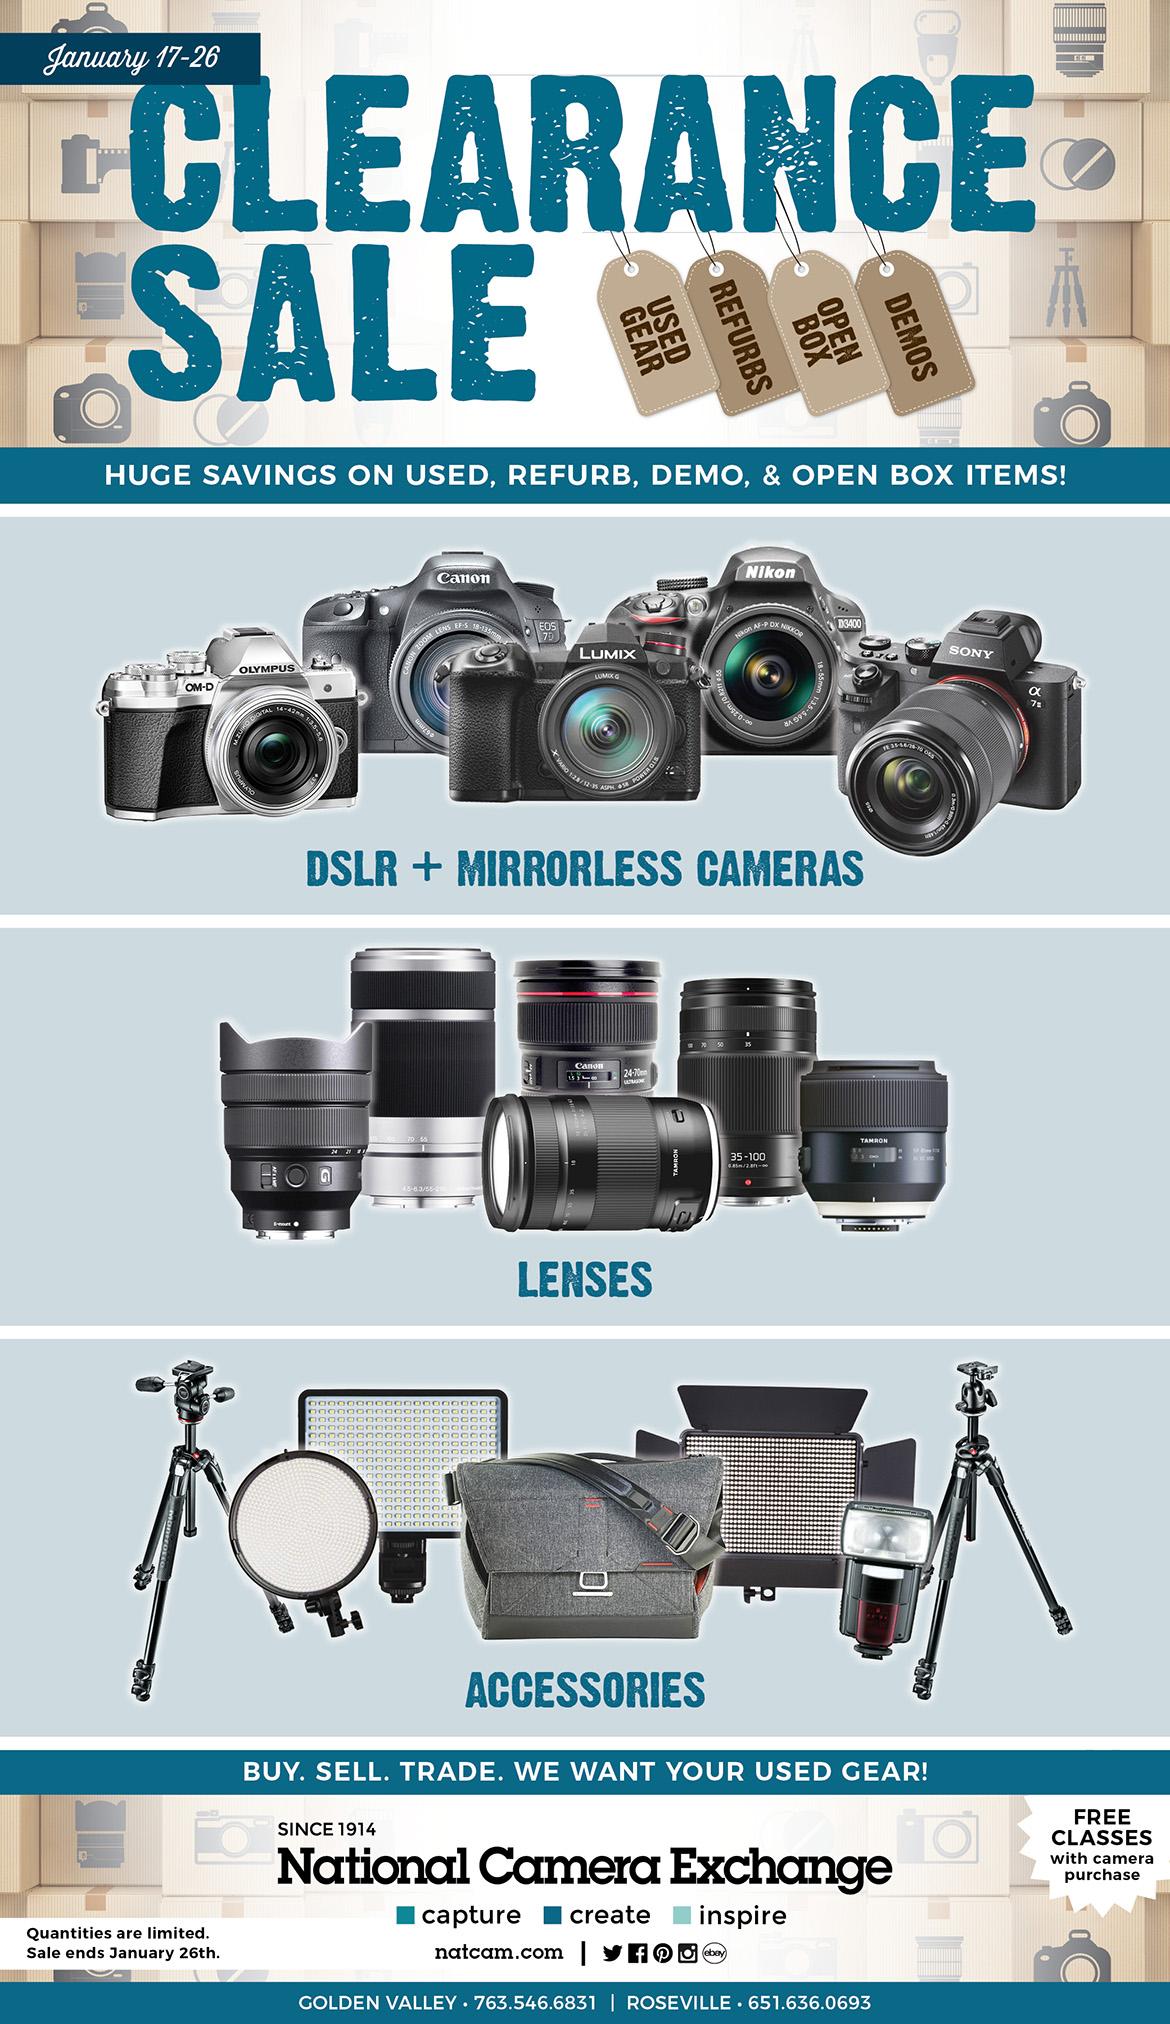 Used Clearance Sale • January 17-26